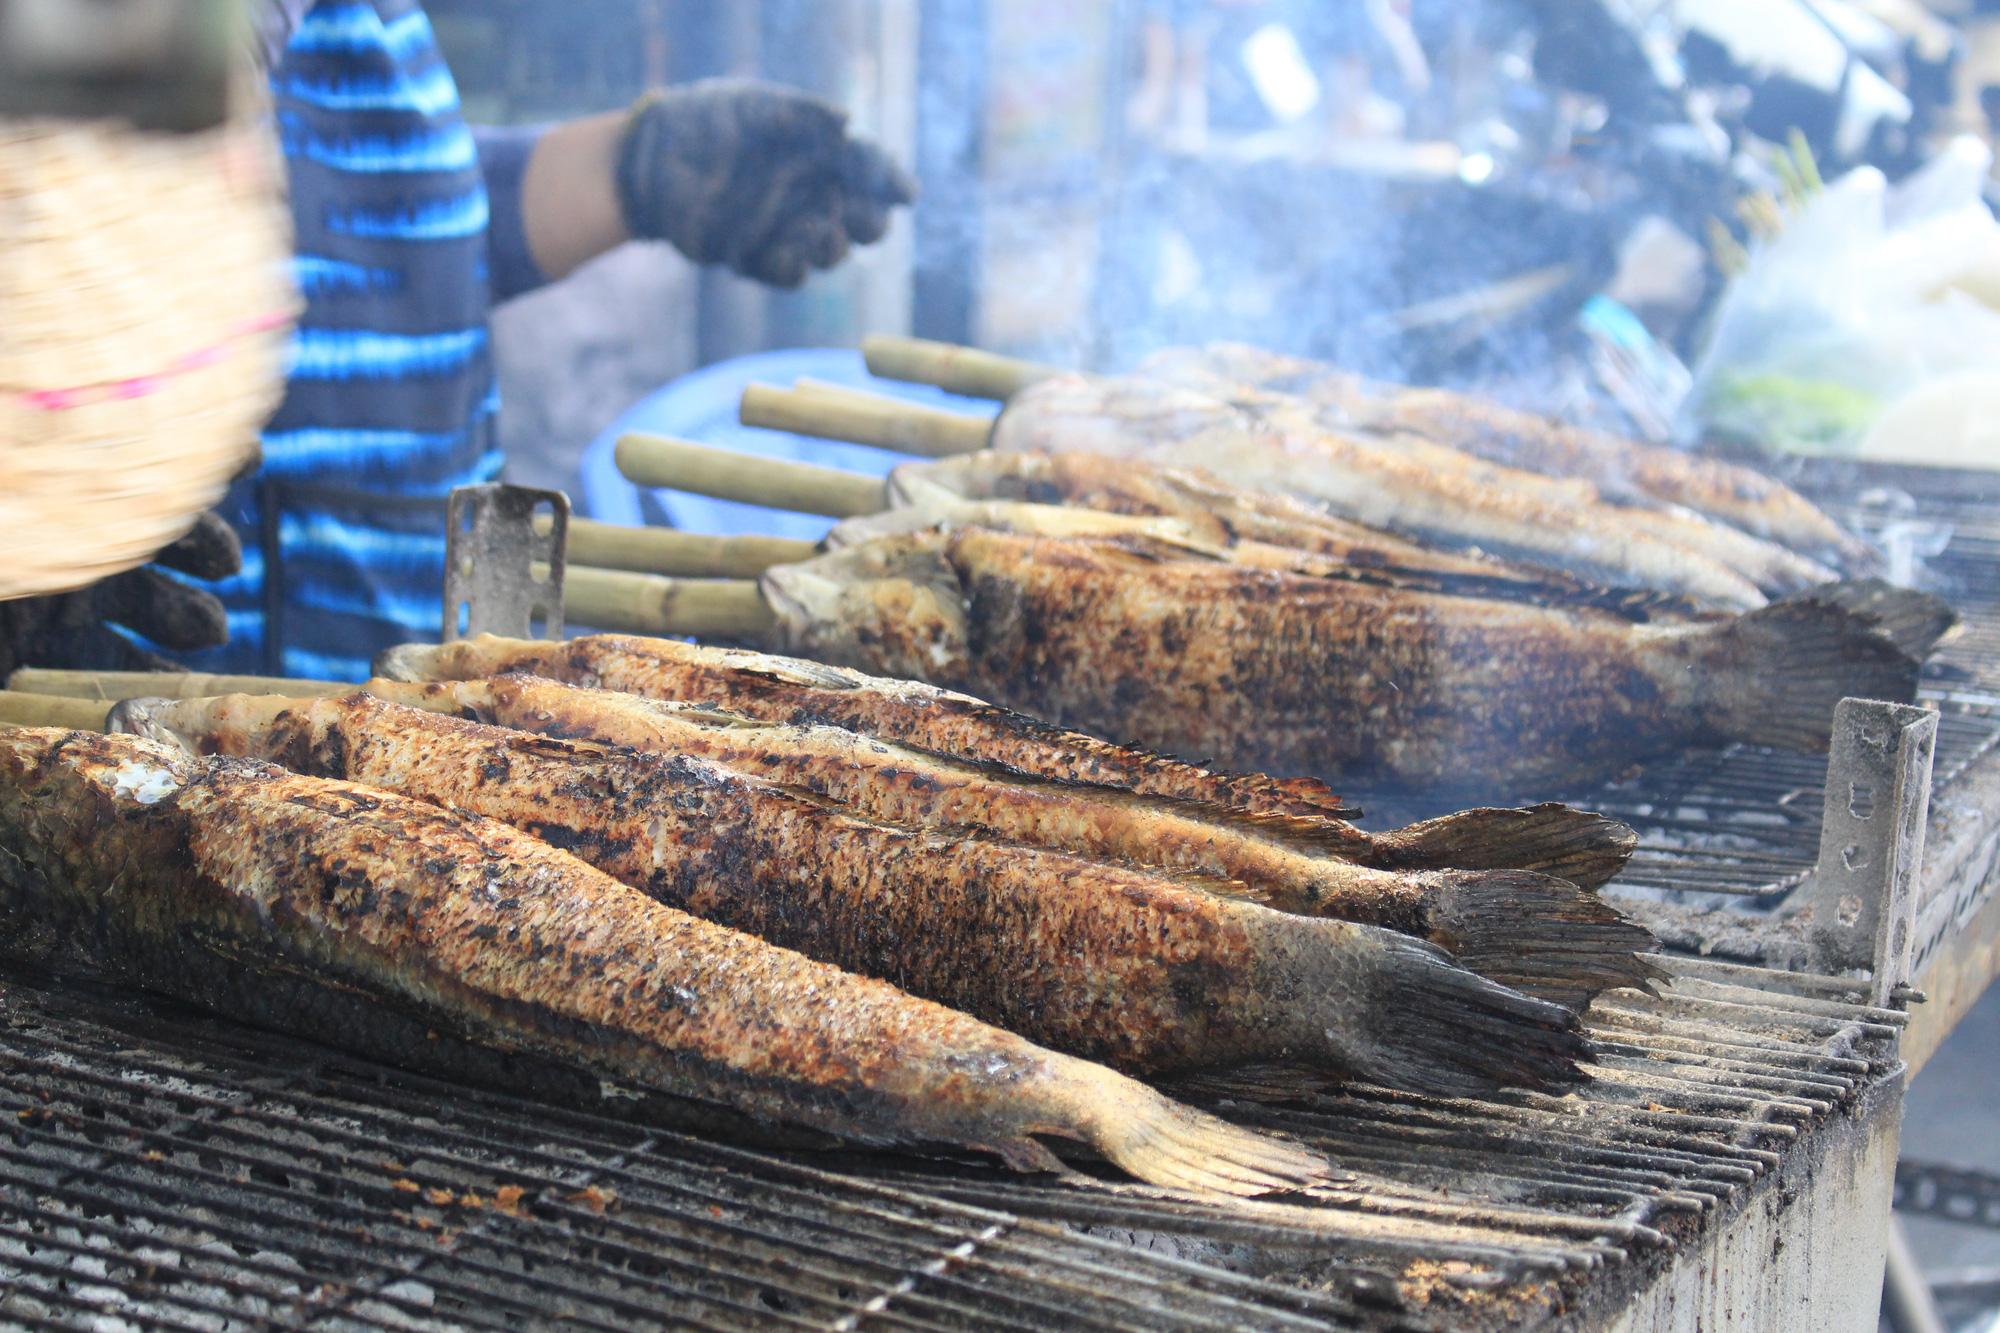 Chuẩn bị 3,5 tấn cá lóc nướng ngày vía Thần tài nhưng vẫn lo không đủ bán ở Sài Gòn - Ảnh 4.